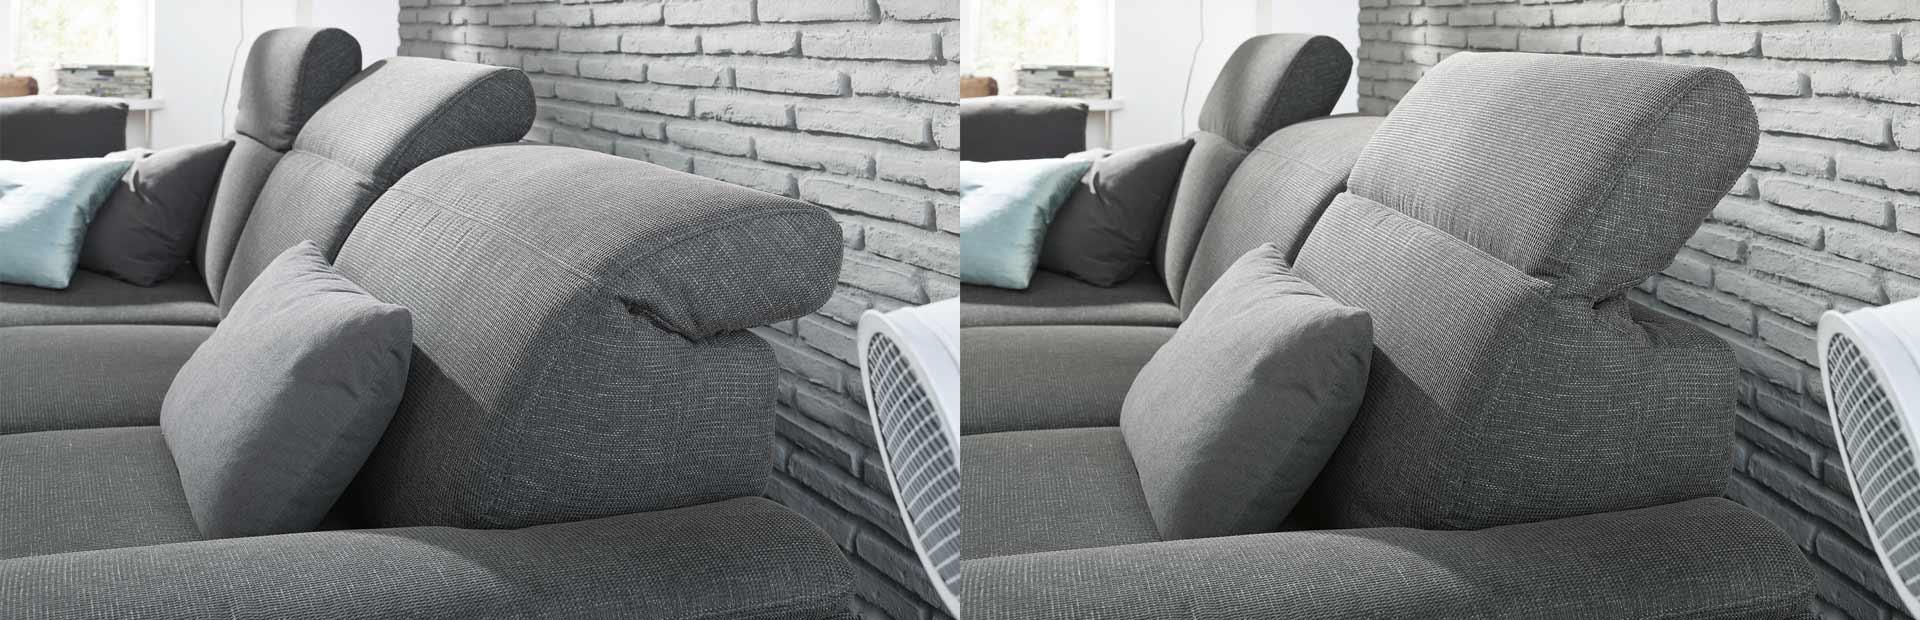 natura 6260 von natura einrichten in hermsdorf bei gera und jena wenzel wohnideen. Black Bedroom Furniture Sets. Home Design Ideas